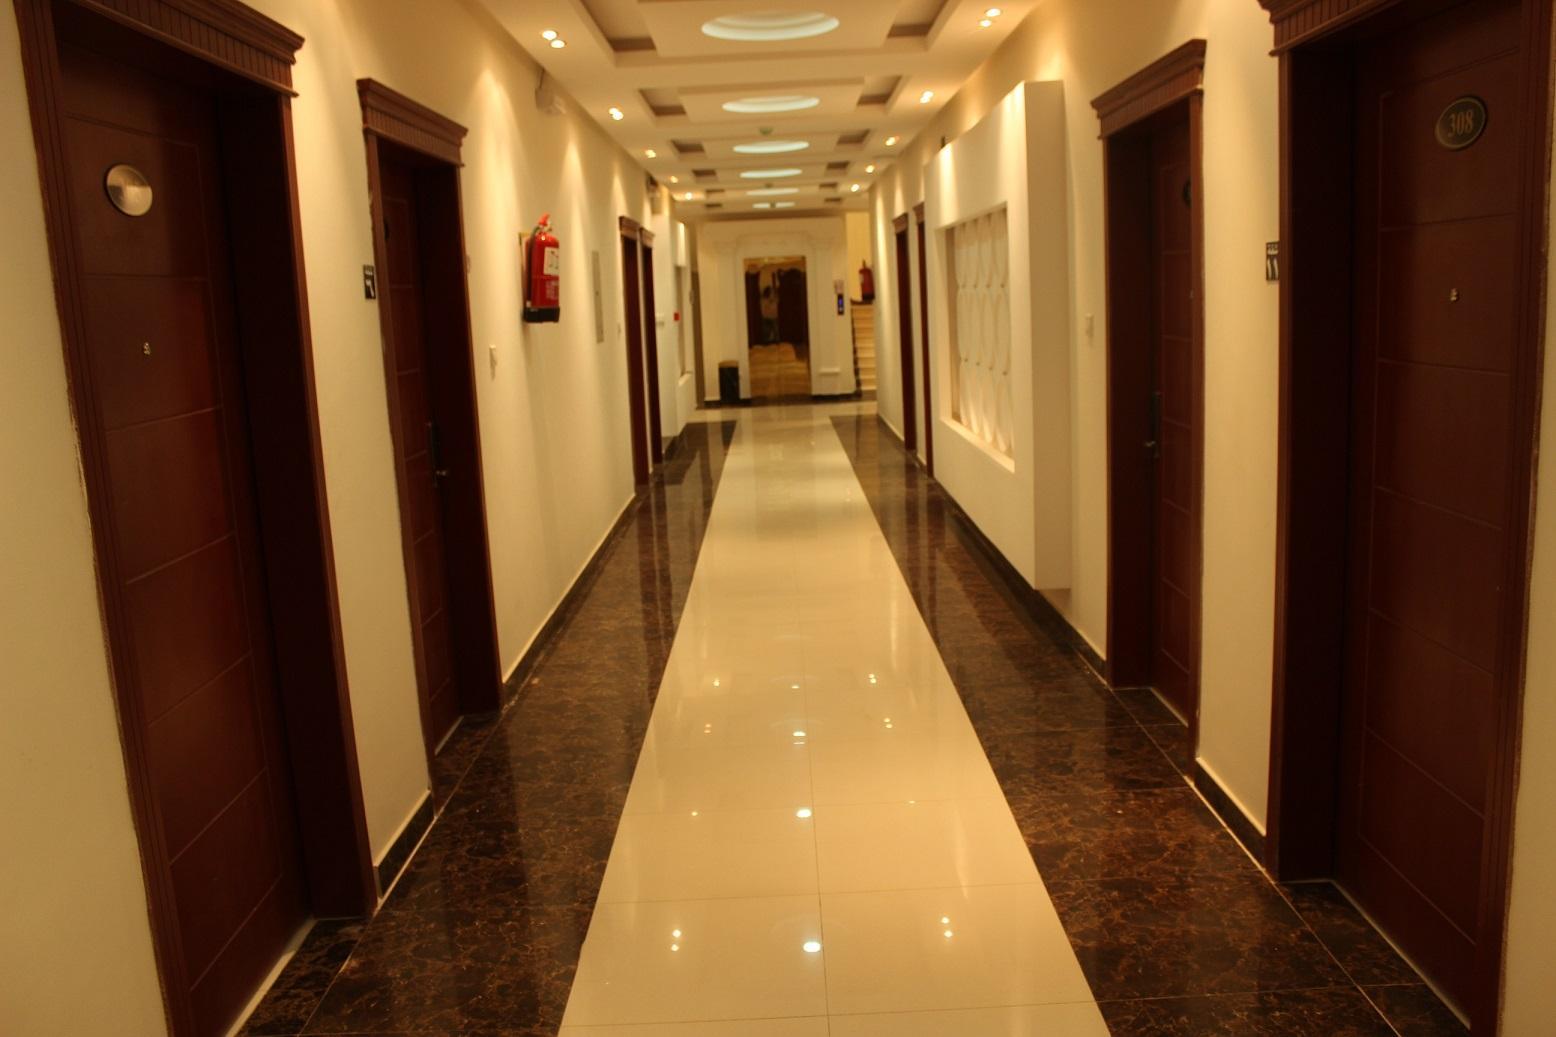 شقق أجمل مساء وحدات سكنية مفروشة الرياض 0114443919 463810214.jpg